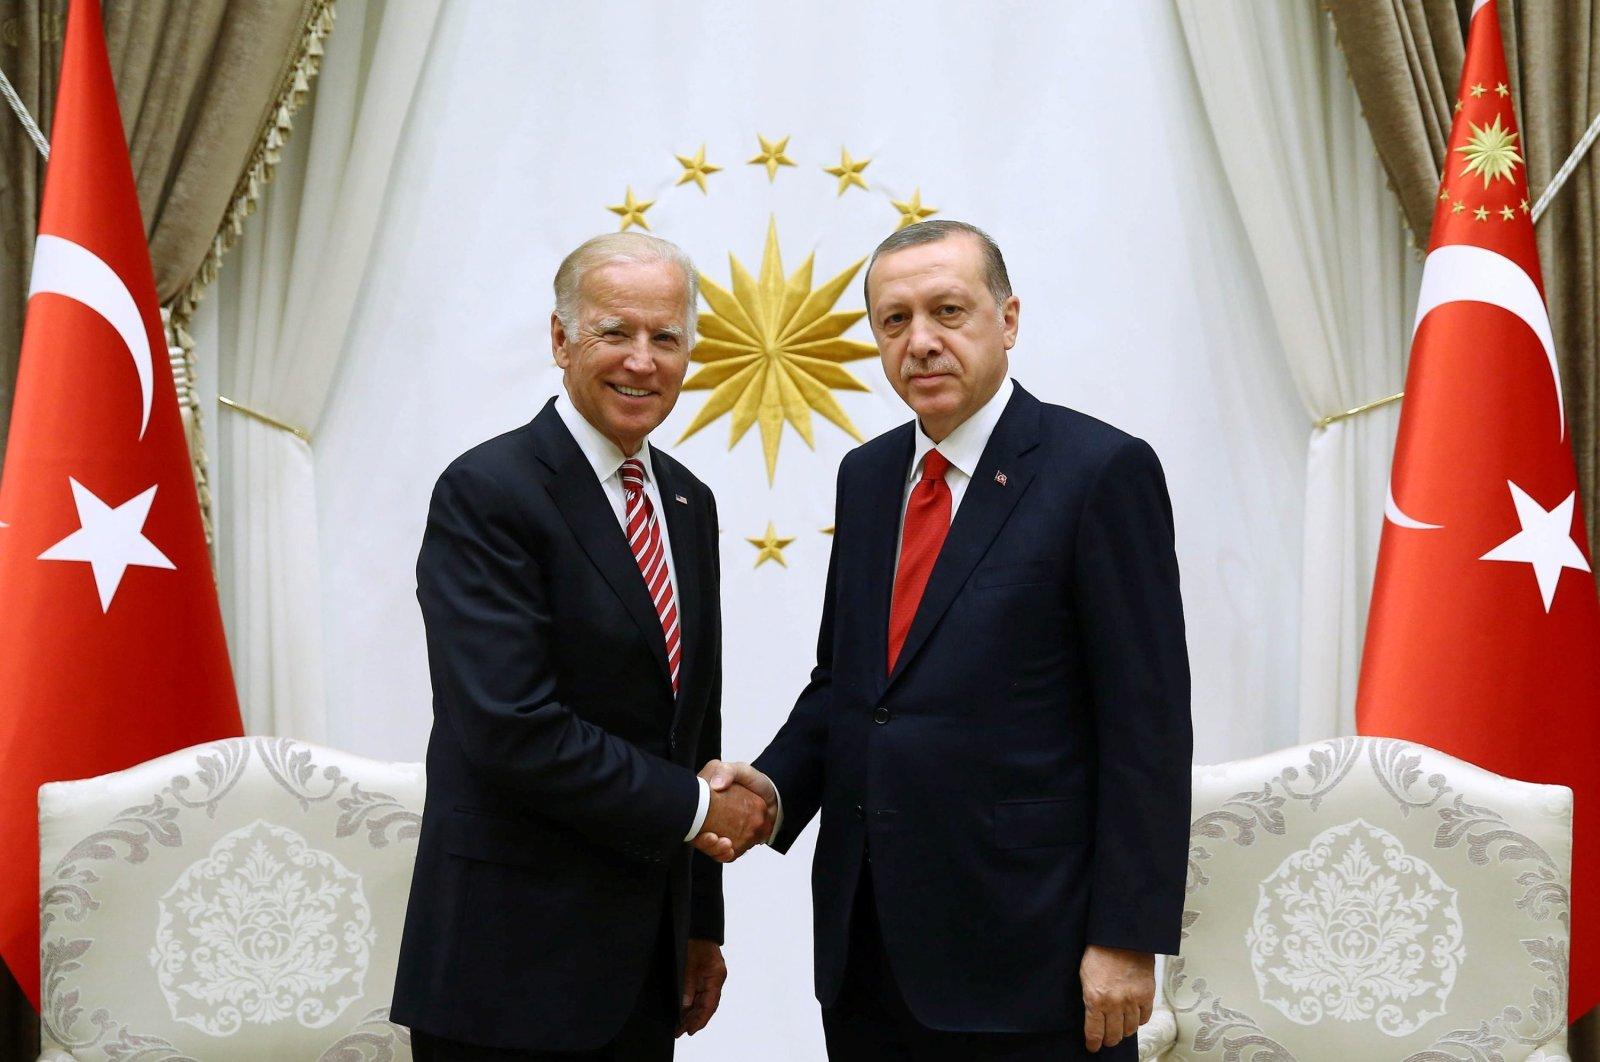 Turkey looks forward to Erdoğan-Biden meeting: FM Çavuşoğlu